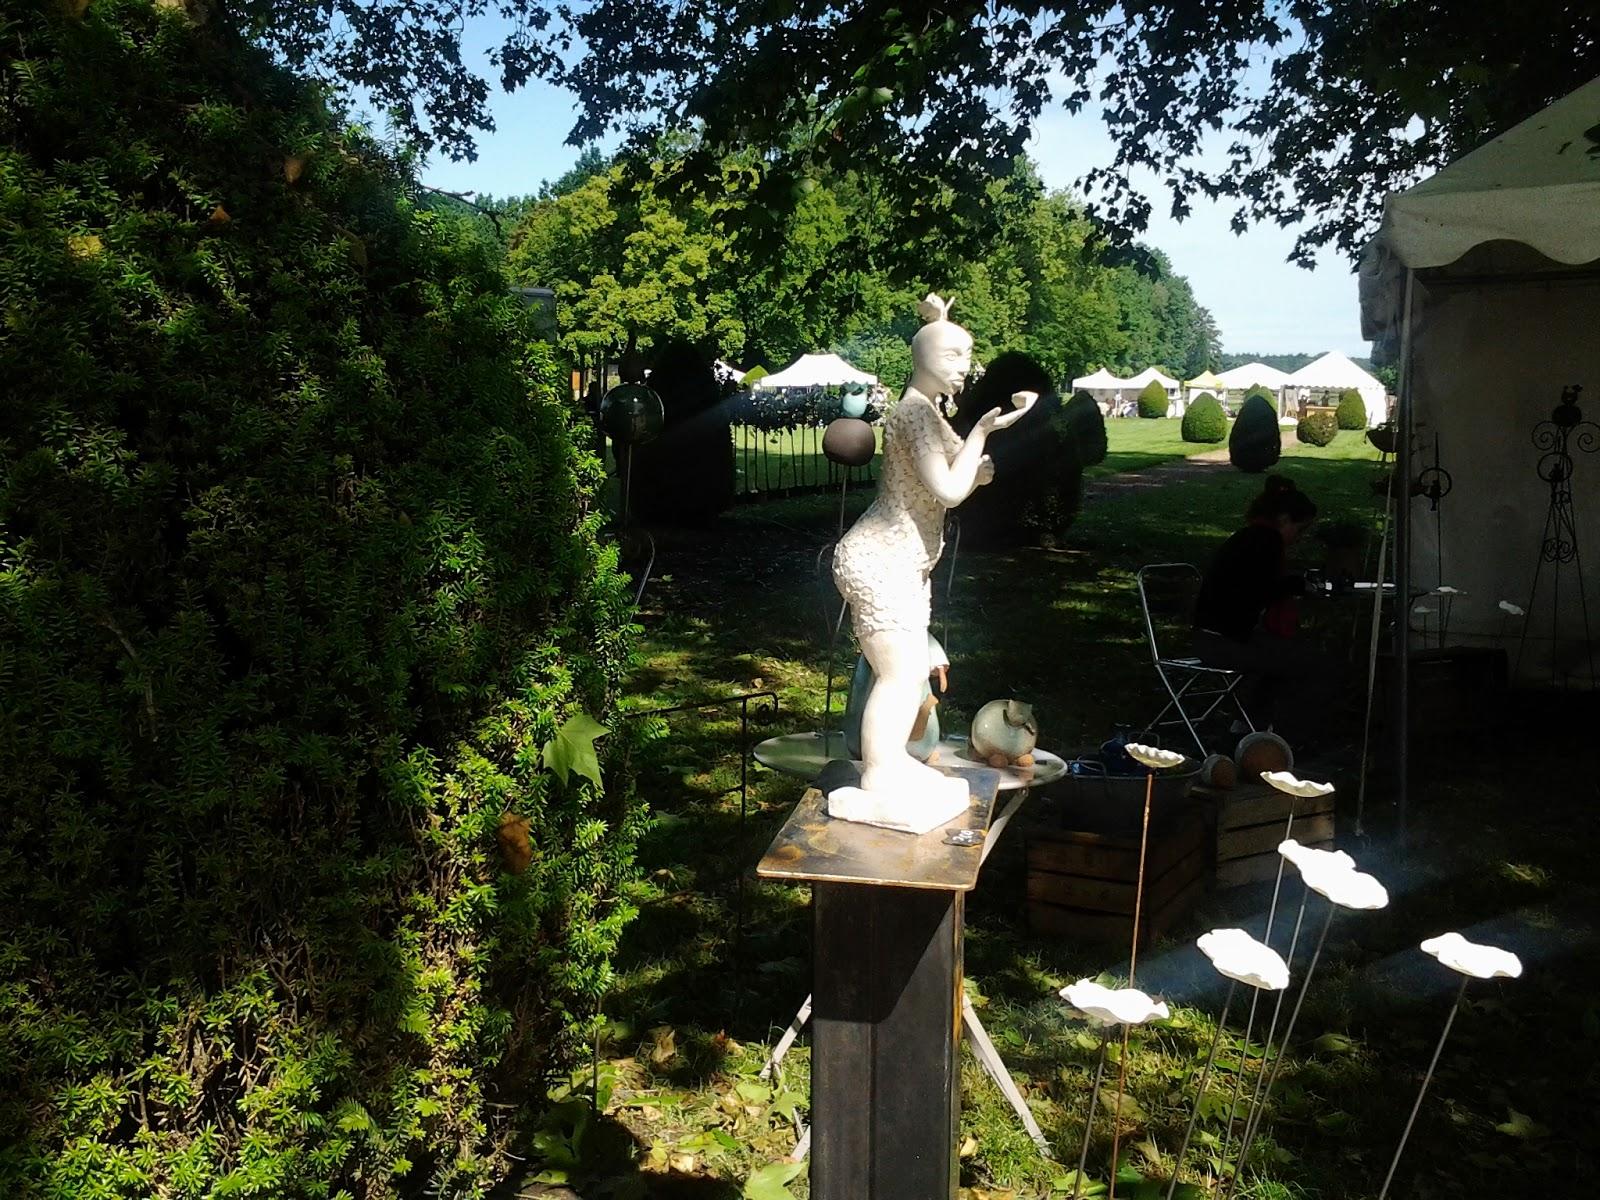 ... L 39 Atelier De La Terre Au Jardin Abbaye De Chaalis For Ou Trouver De  La ...